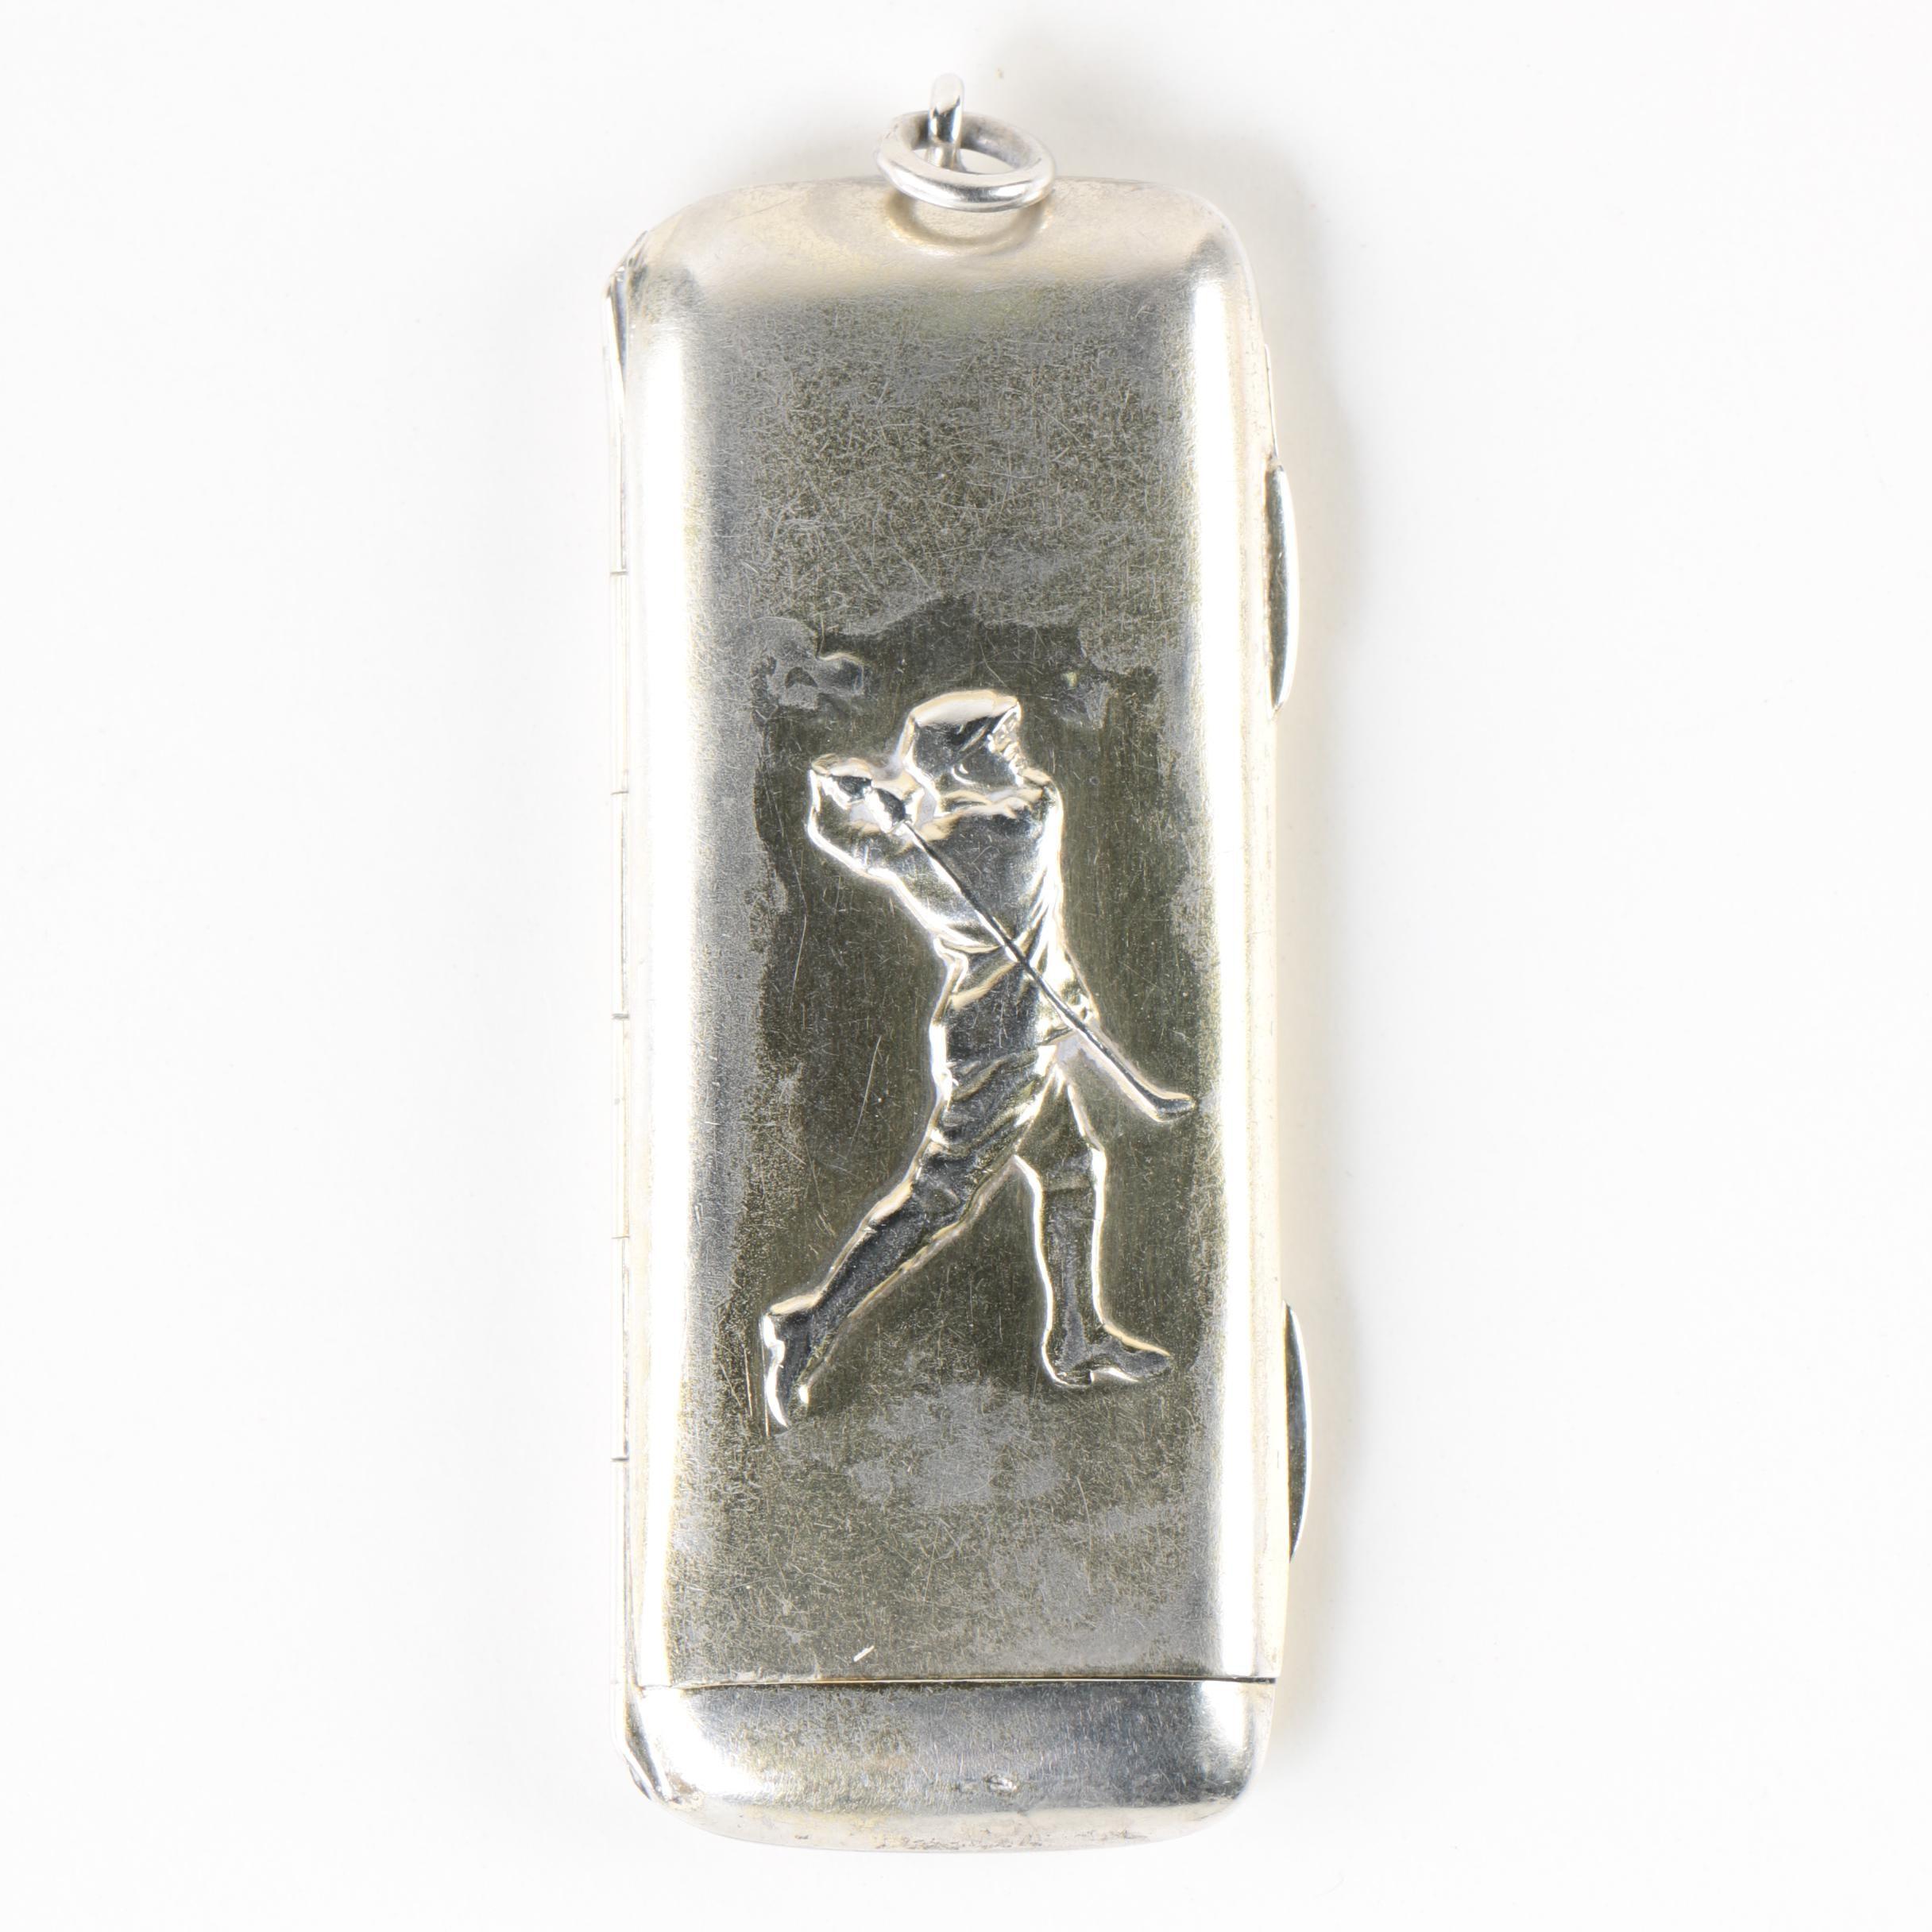 Sampson Mordan & Co. Sterling Silver Slide Sovereign Case, 1907